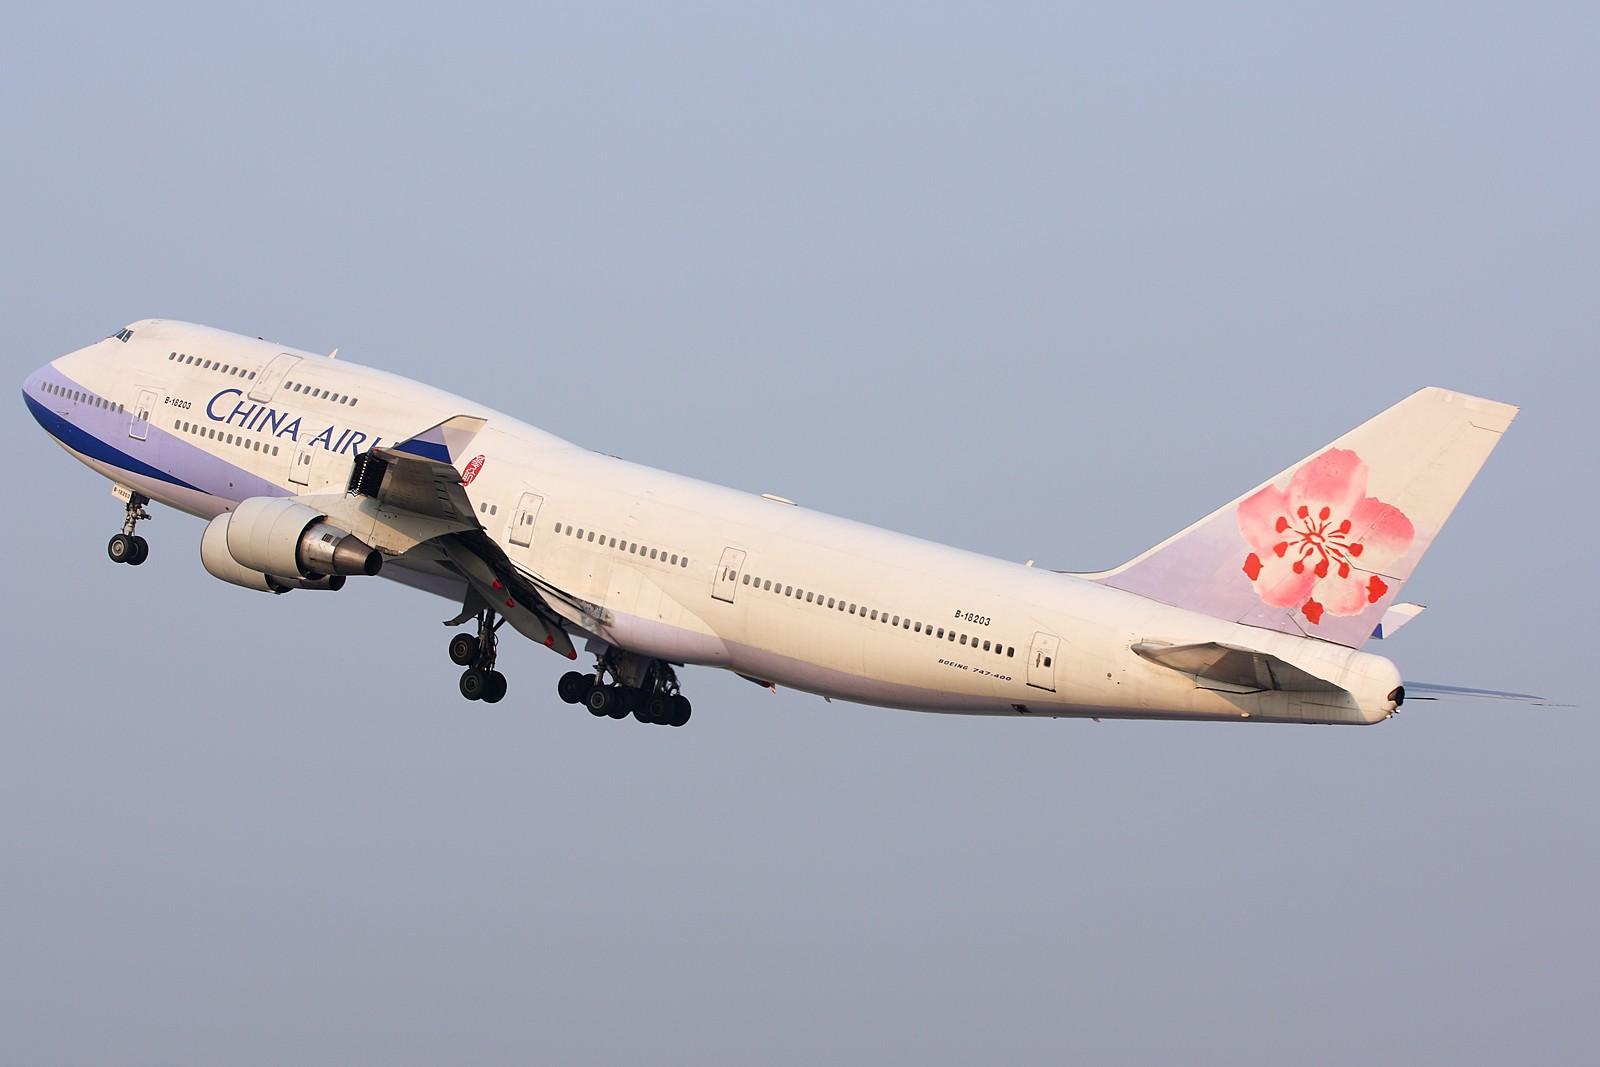 Re:[原创]【深圳飞友会】经典角度起飞的两架B747,配上1600大图看的更加爽。 BOEING 747-400 B-18203 中国广州白云机场